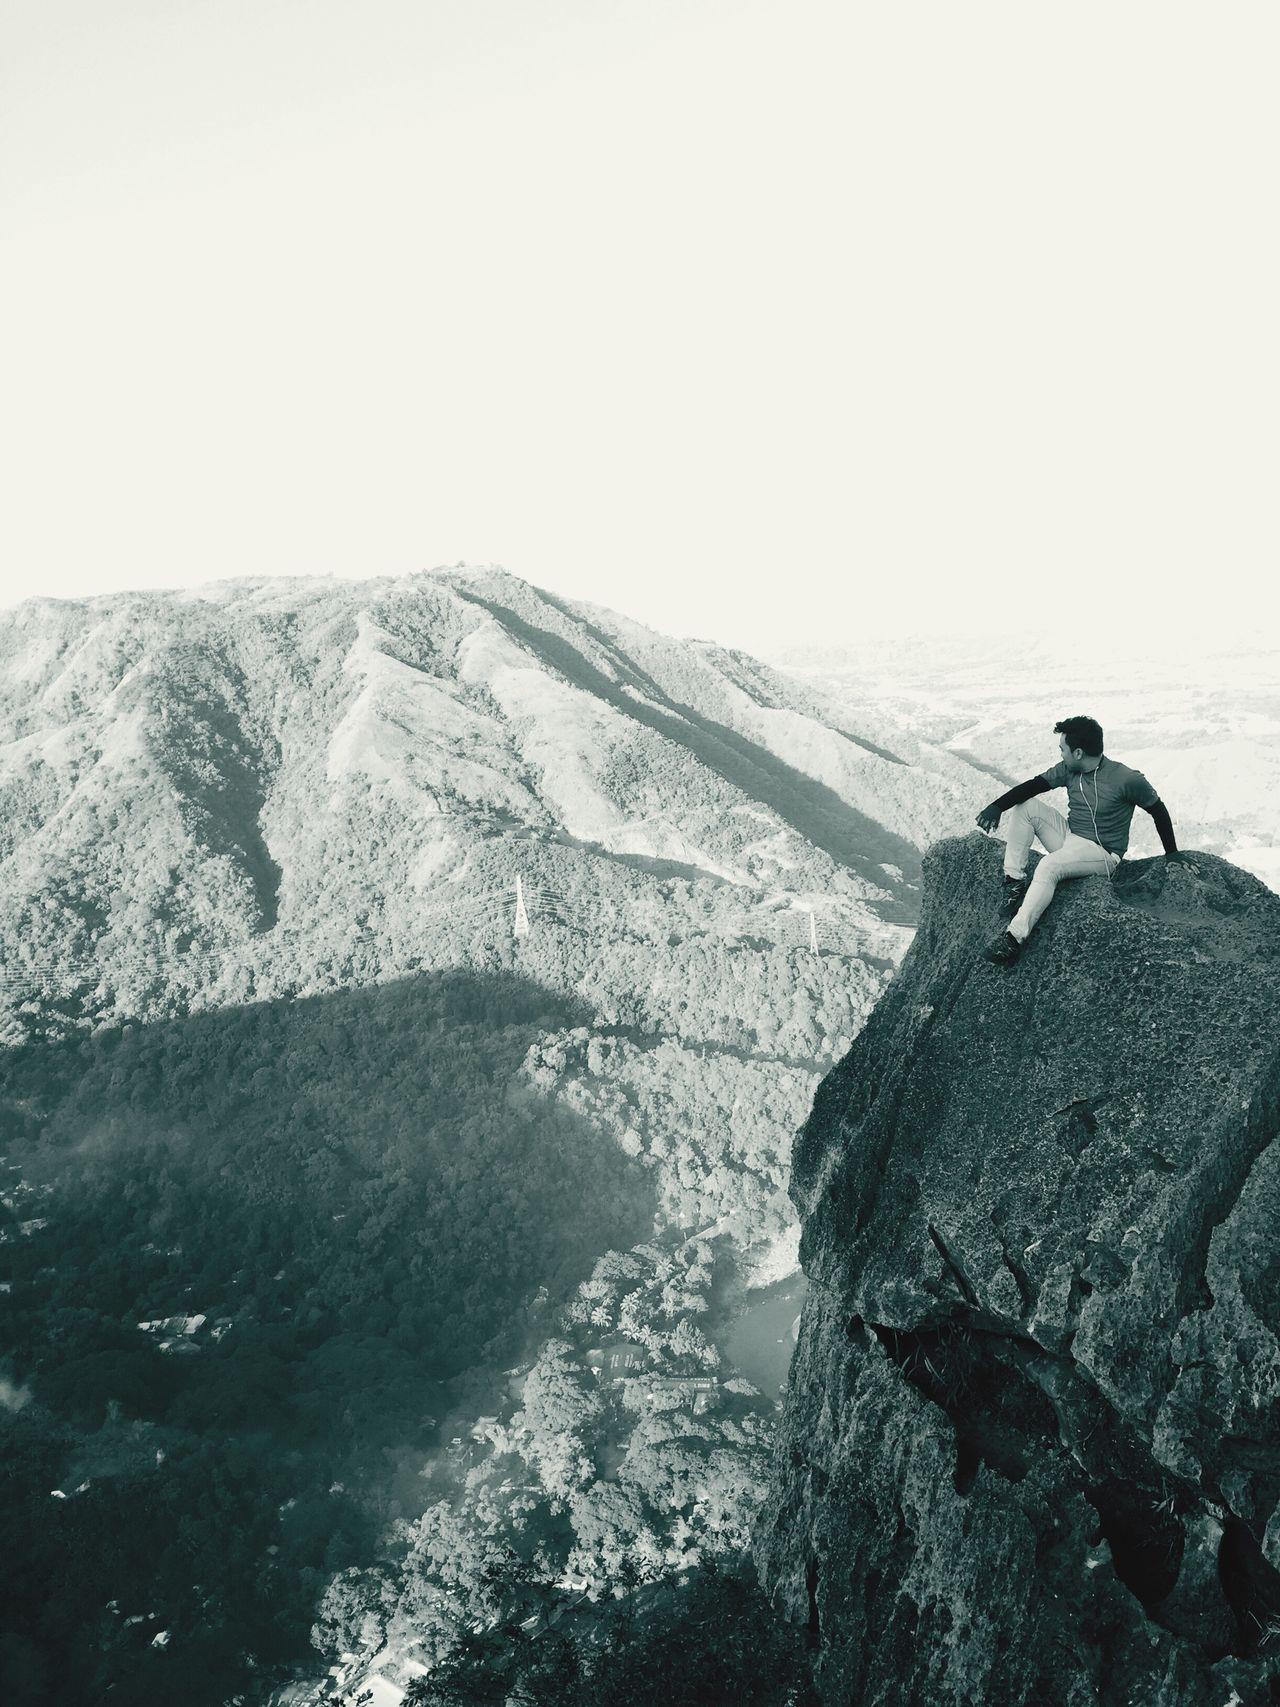 Mountaintops Alone Time Mountainrocks Rockpeak Cliff Edge